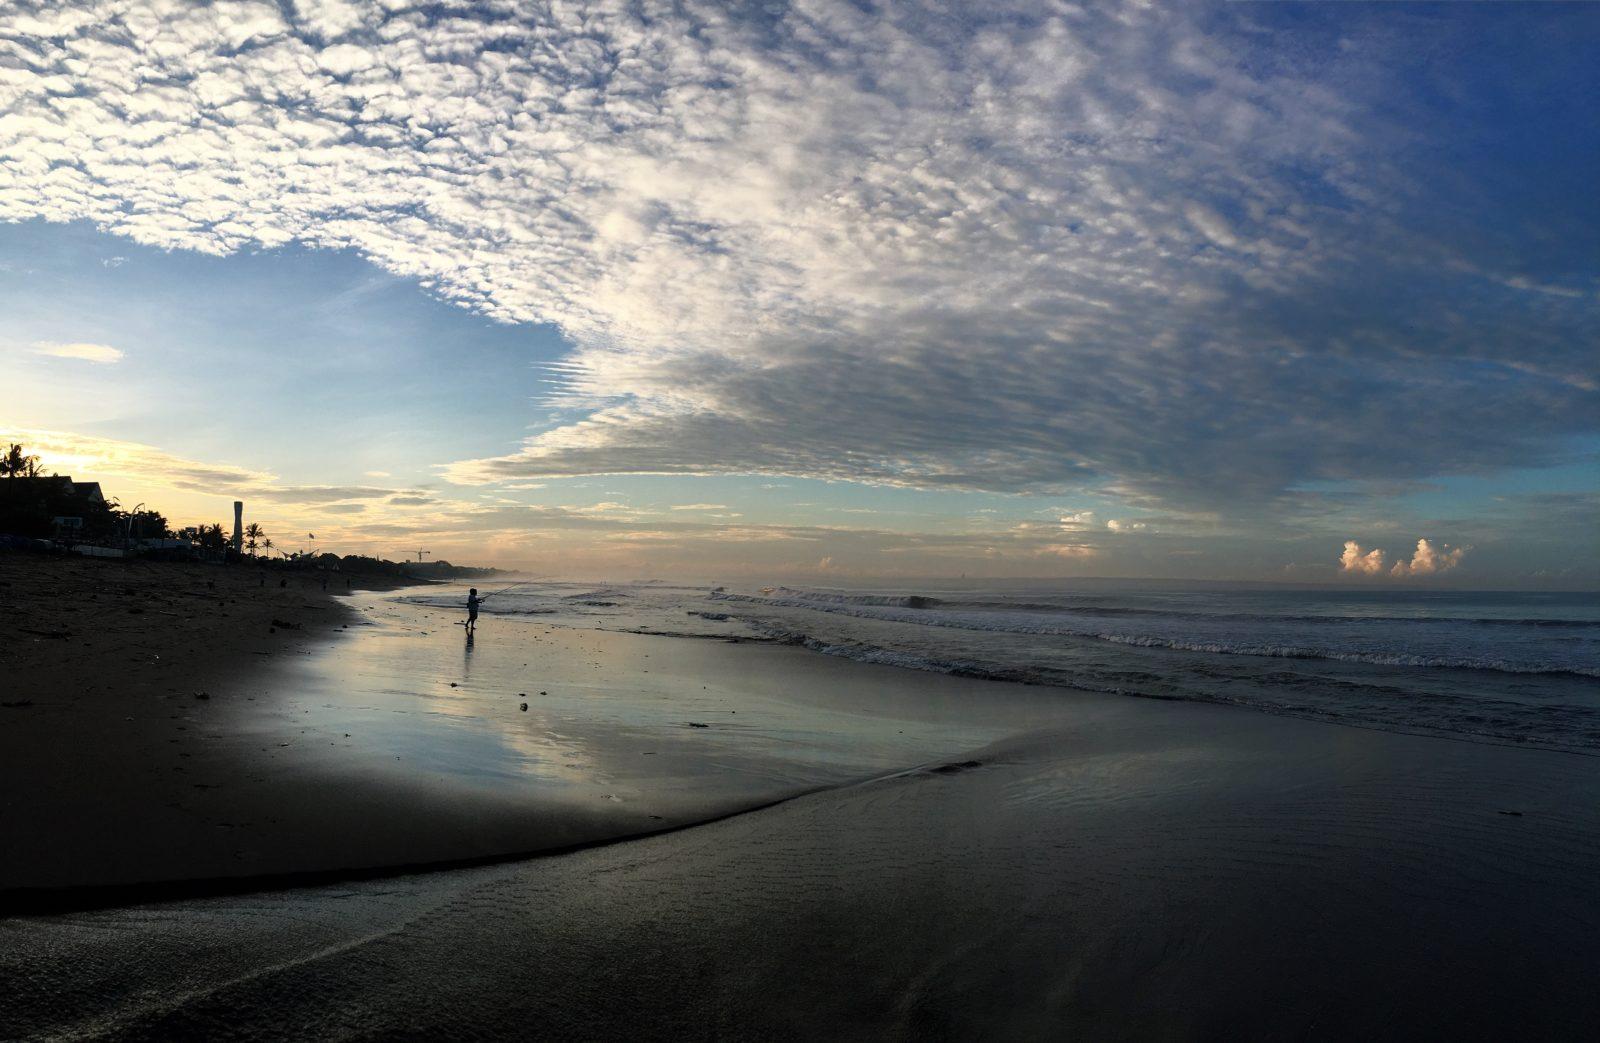 atun beach bali utazás információk mondolo